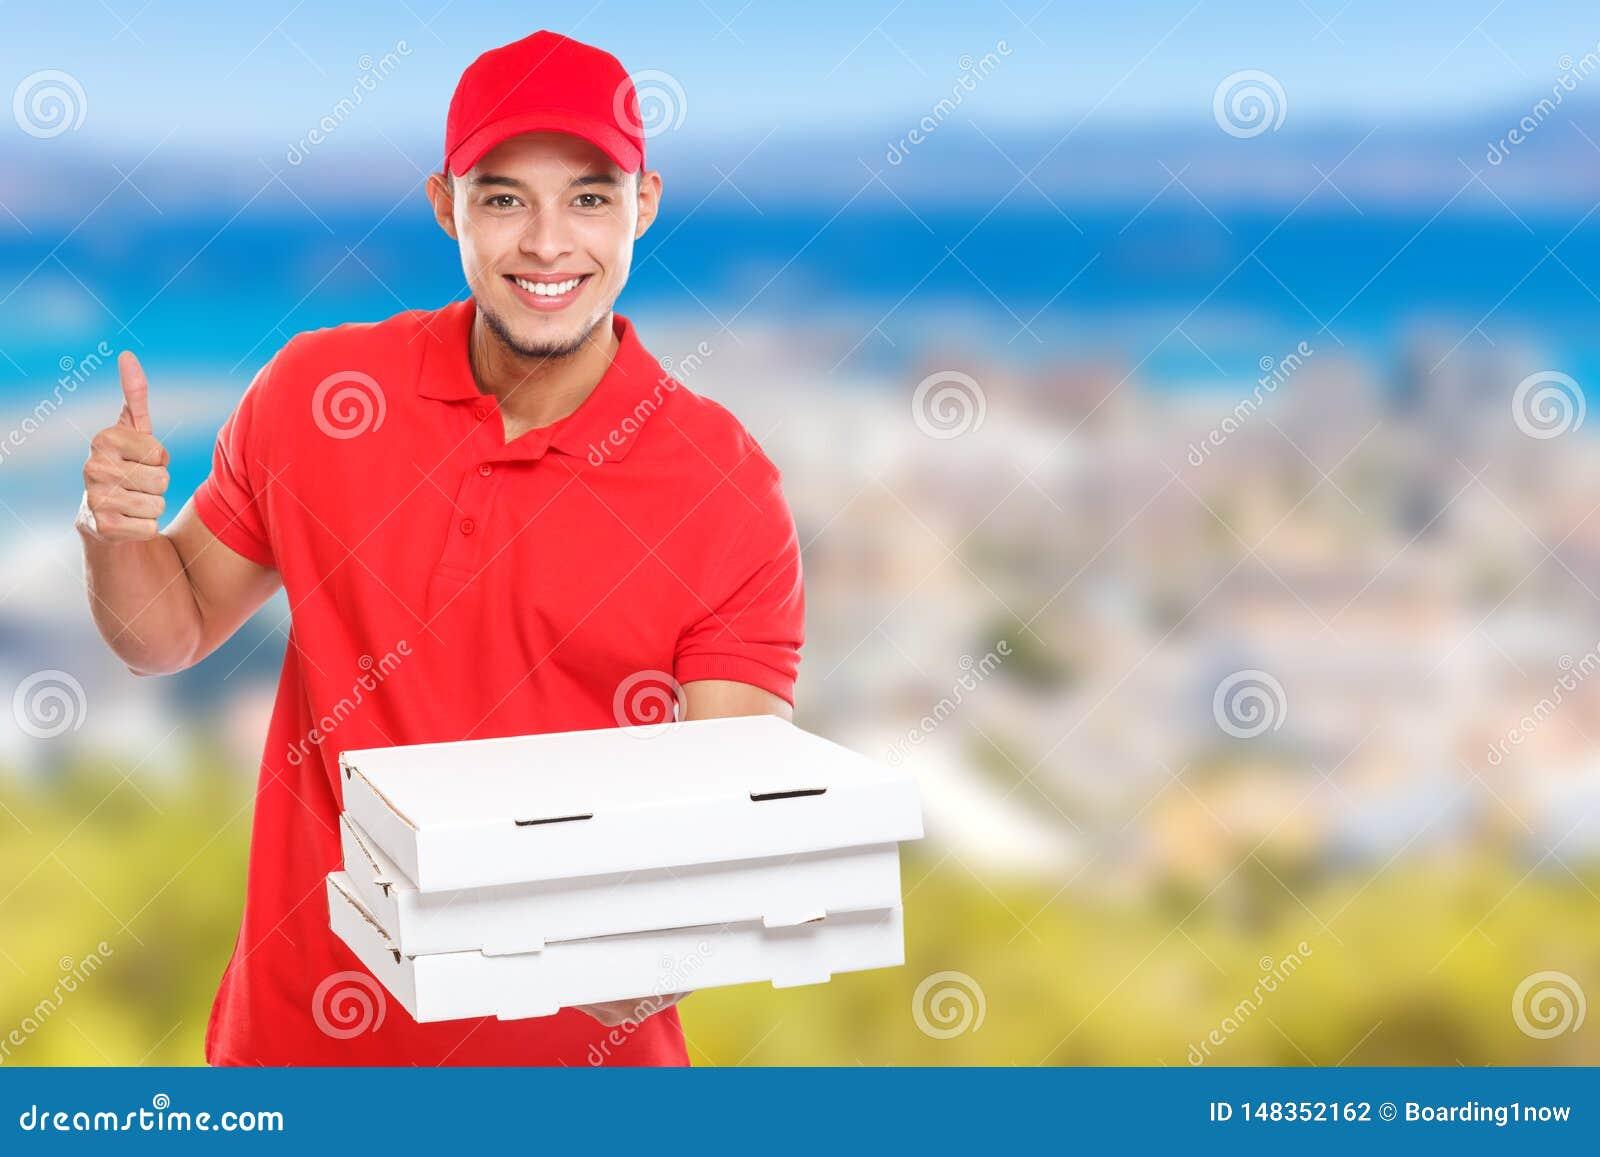 Η λατινική διαταγή ατόμων παράδοσης πιτσών που παραδίδει το επιτυχές χαμόγελο επιτυχίας εργασίας παραδίδει copyspace το διάστημα